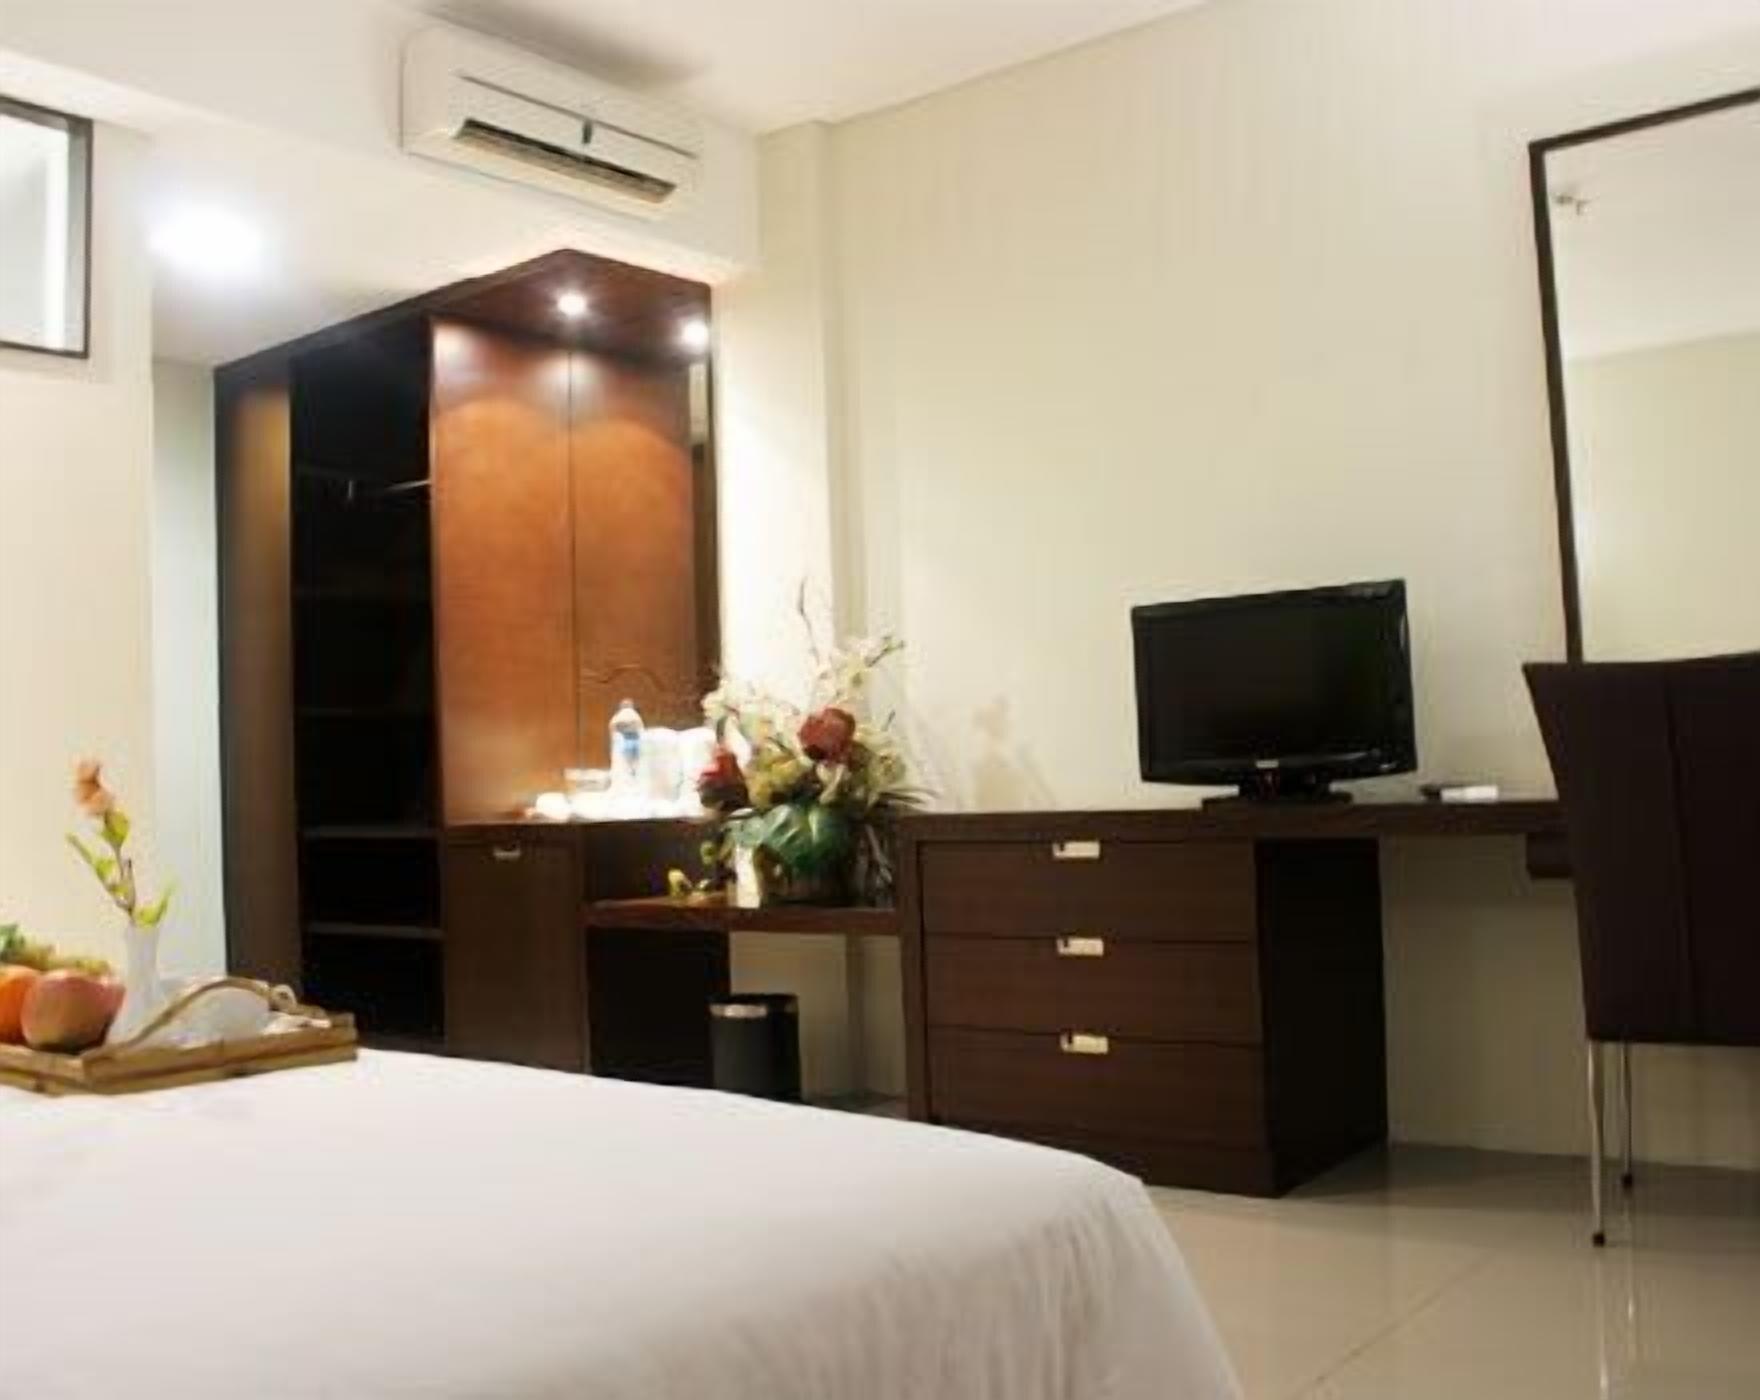 Bamboo Inn Hotel & Cafe, Jakarta Barat